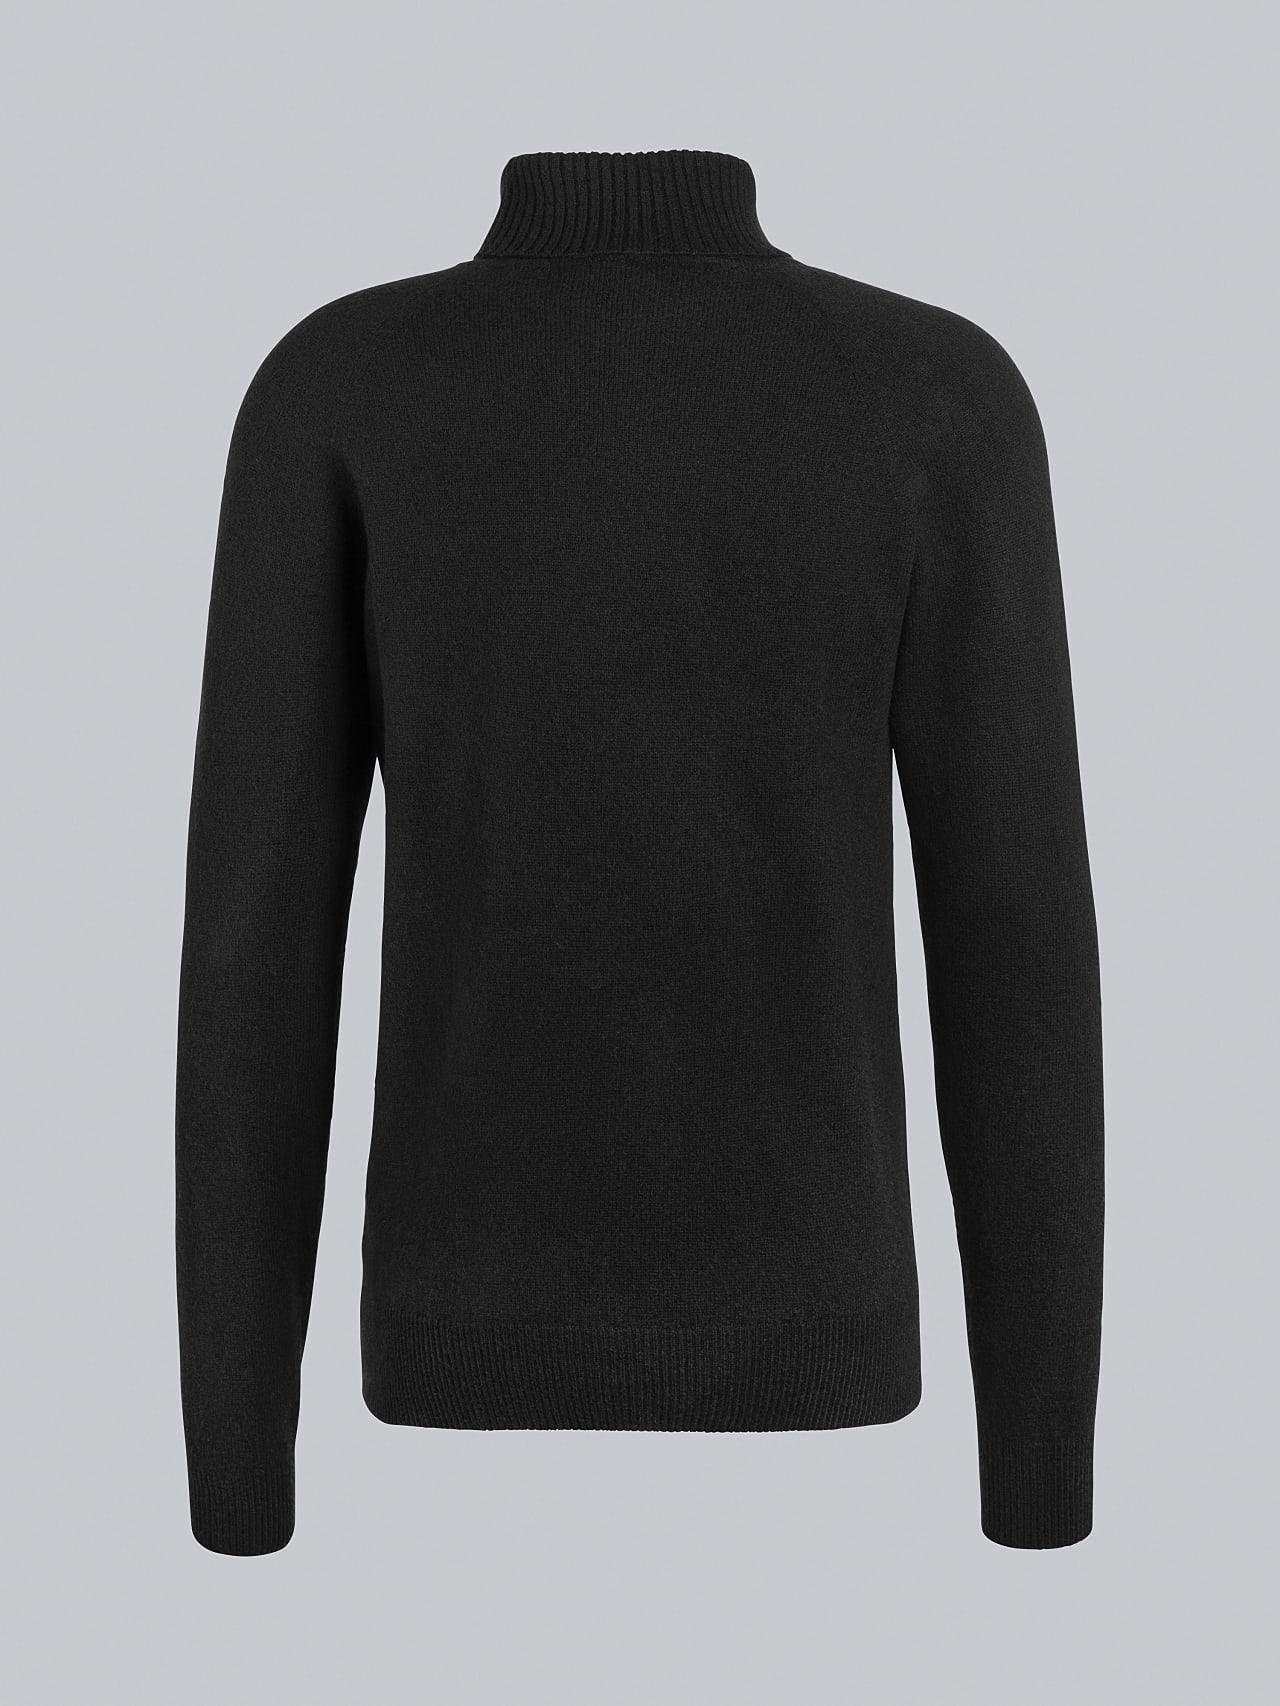 FLUCK V2.Y5.02 Seamless 3D Knit Cashmere-Blend Turtle Neck black Left Alpha Tauri